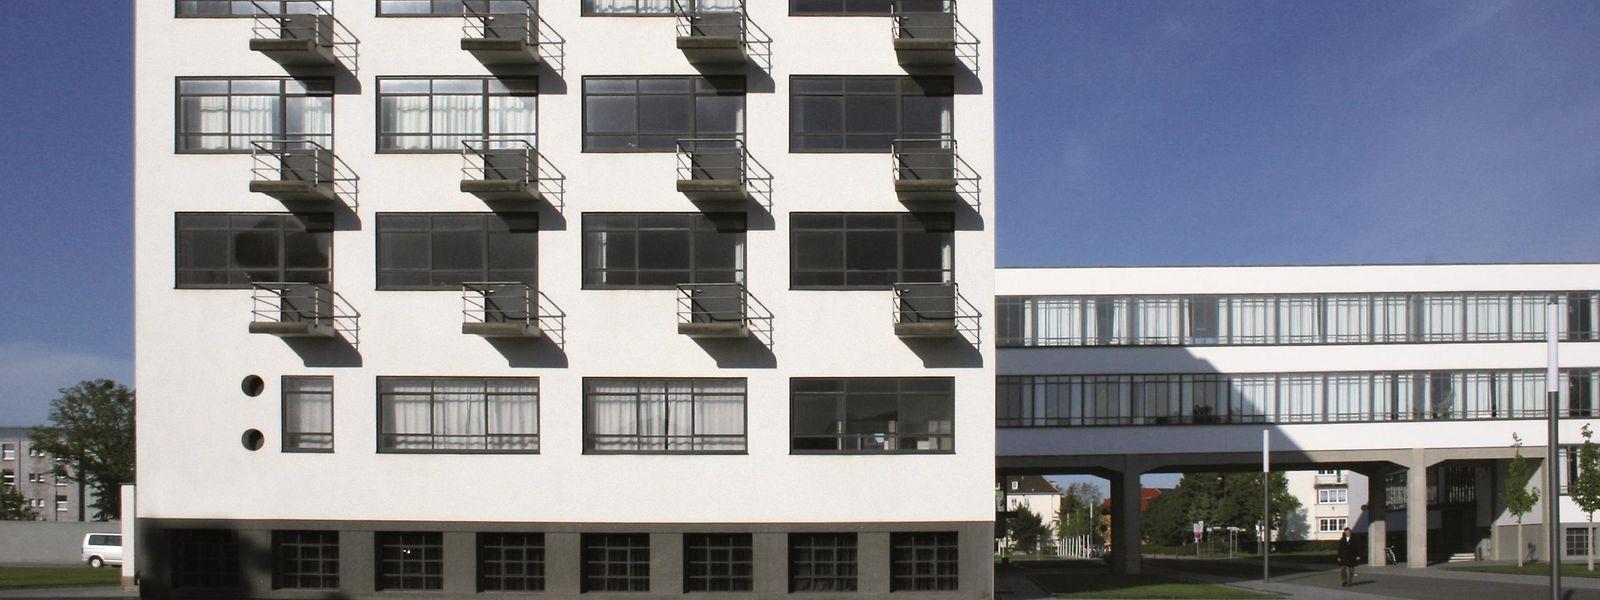 Insgesamt 28 Zimmer im Prellerhaus in Dessau, dem ehemaligen Ateliergebäude, dienen als Unterkünfte. Sie sind so funktional wie zu Bauhaus-Zeiten eingerichtet – unter anderem mit Bett, Schreibtisch und Waschbecken. Bad und Toilette befinden sich auf dem Flur.